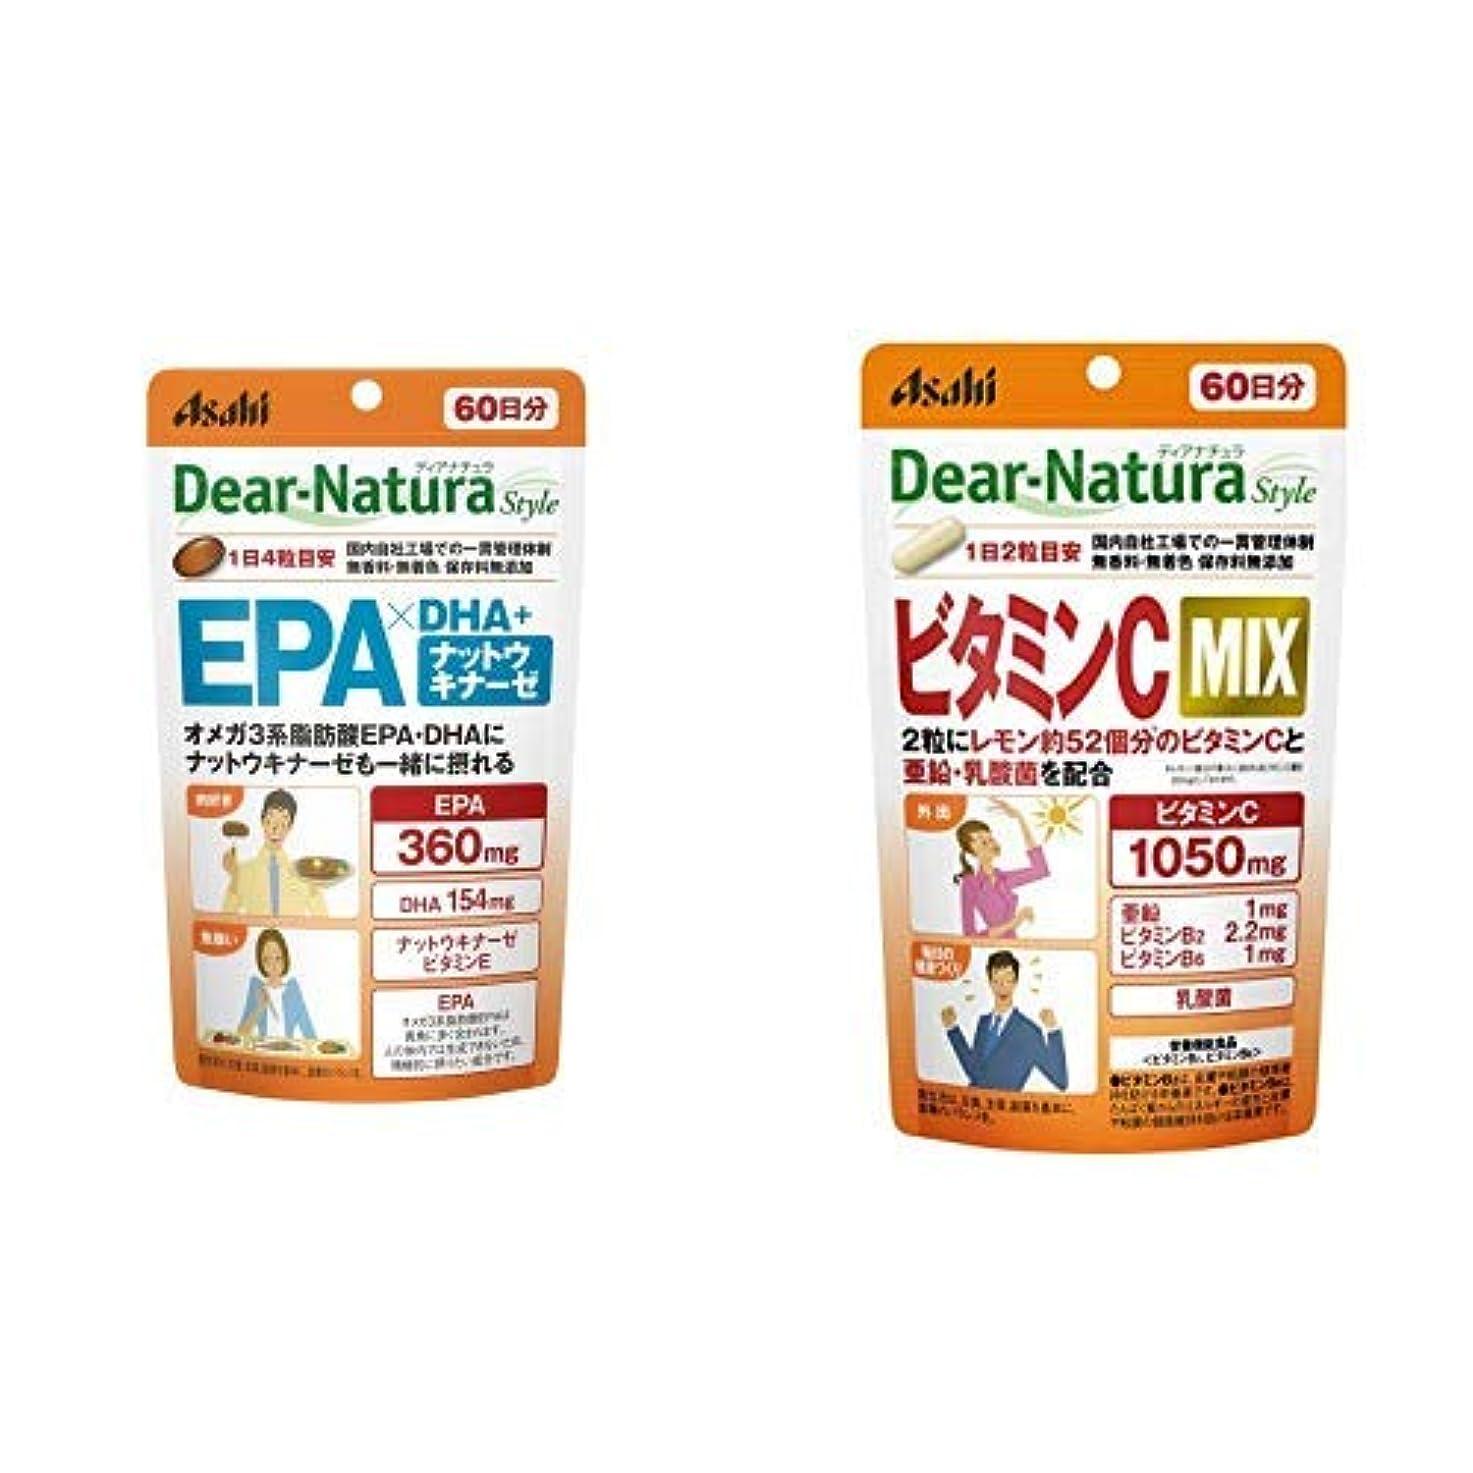 地球旧正月嫌がる【セット買い】ディアナチュラスタイル EPA×DHA+ナットウキナーゼ 60日分 & ビタミンC MIX 60日分